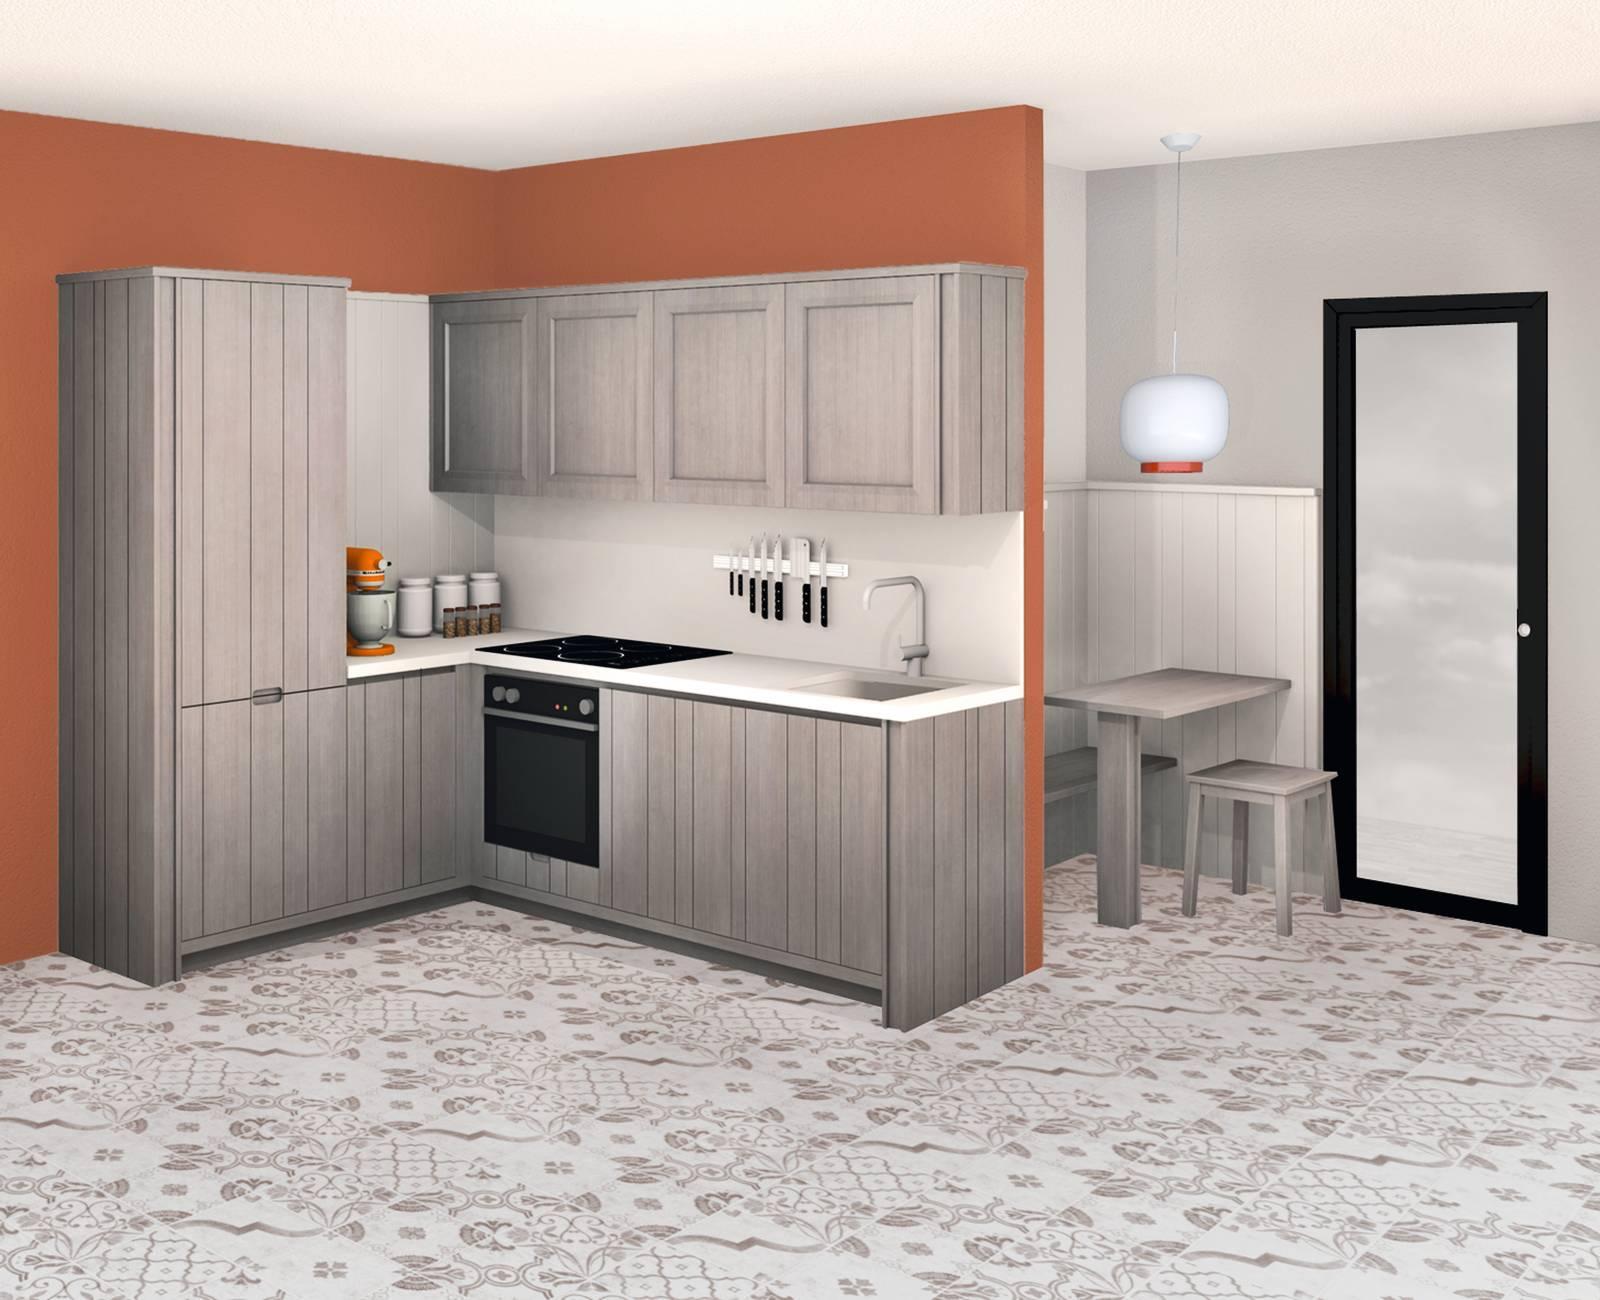 Portaoggetti Da Parete Per Cucina progetti cucina per meno di 10 mq: 4 soluzioni con i